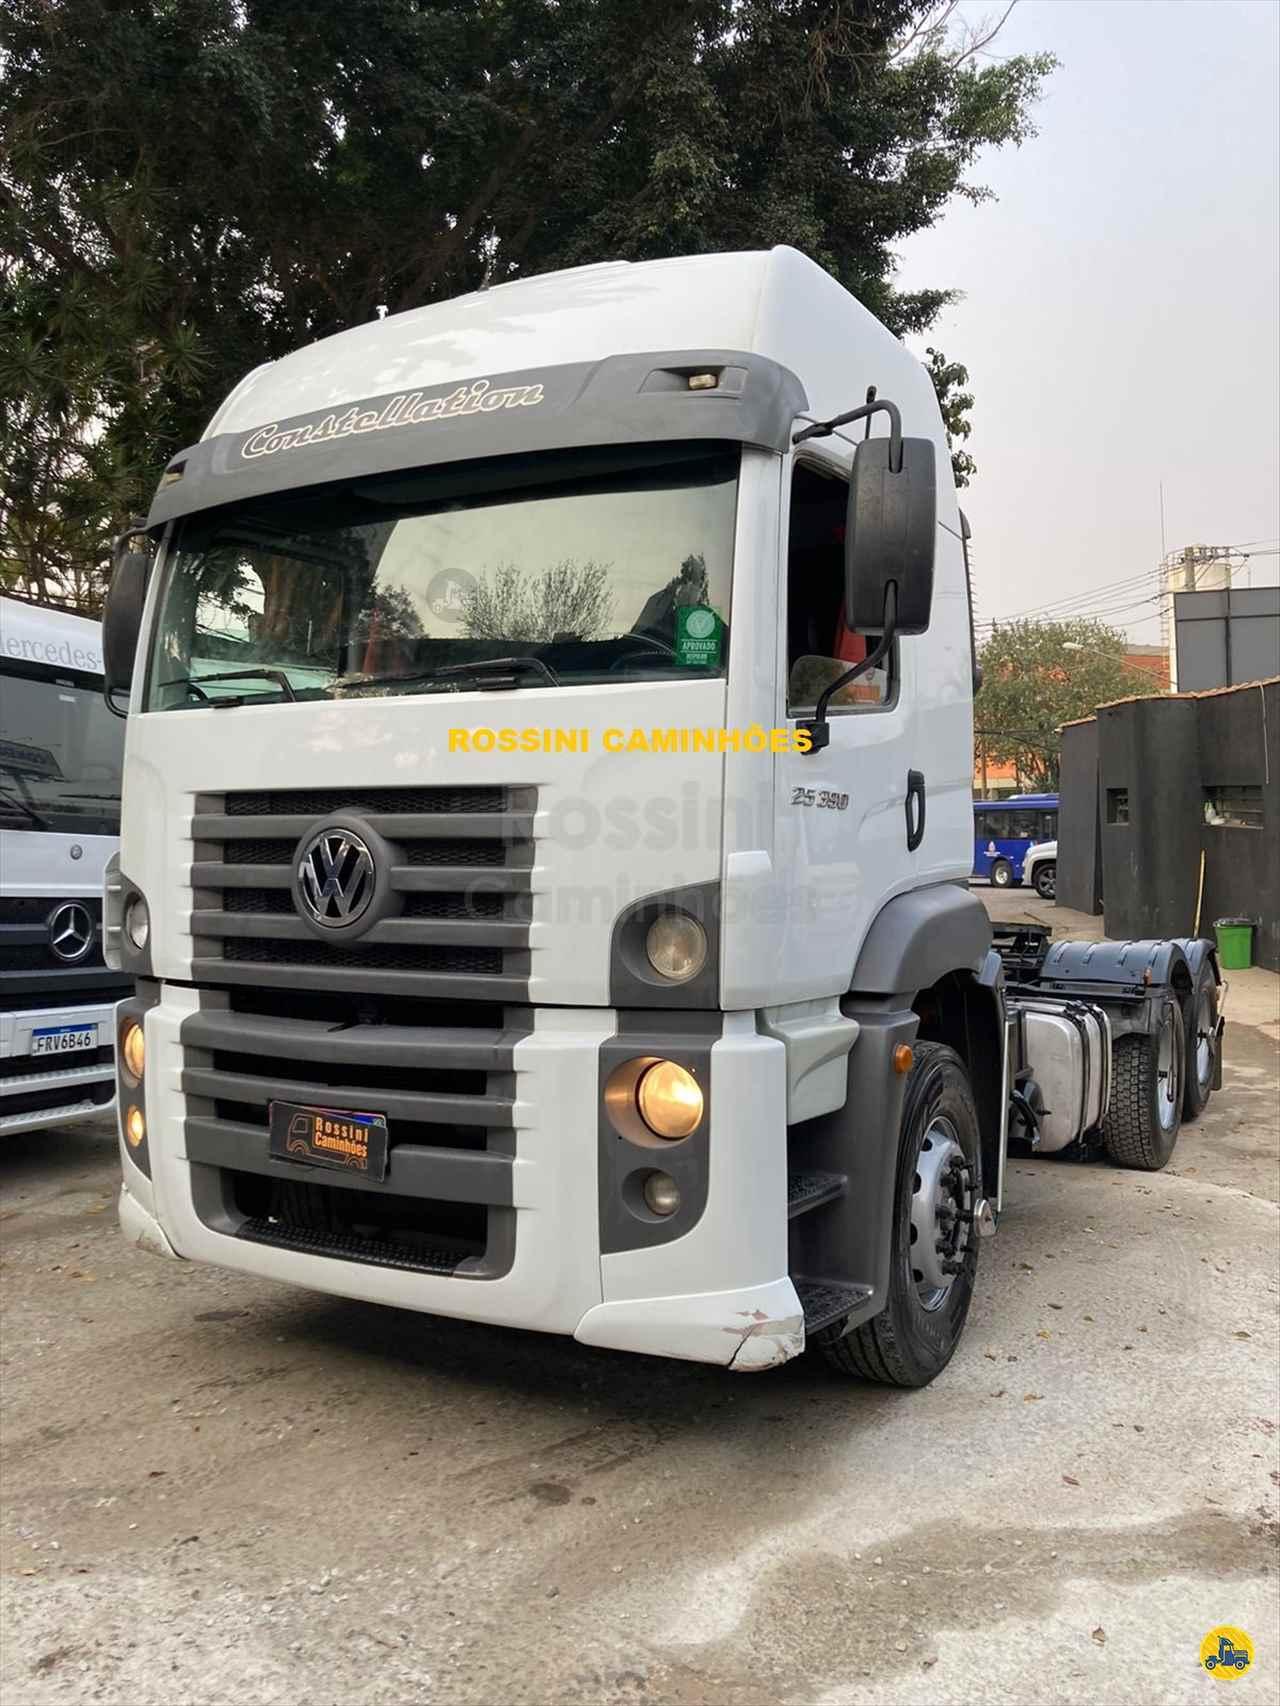 CAMINHAO VOLKSWAGEN VW 25390 Cavalo Mecânico Truck 6x2 Rossini Caminhões SAO BERNARDO DO CAMPO SÃO PAULO SP